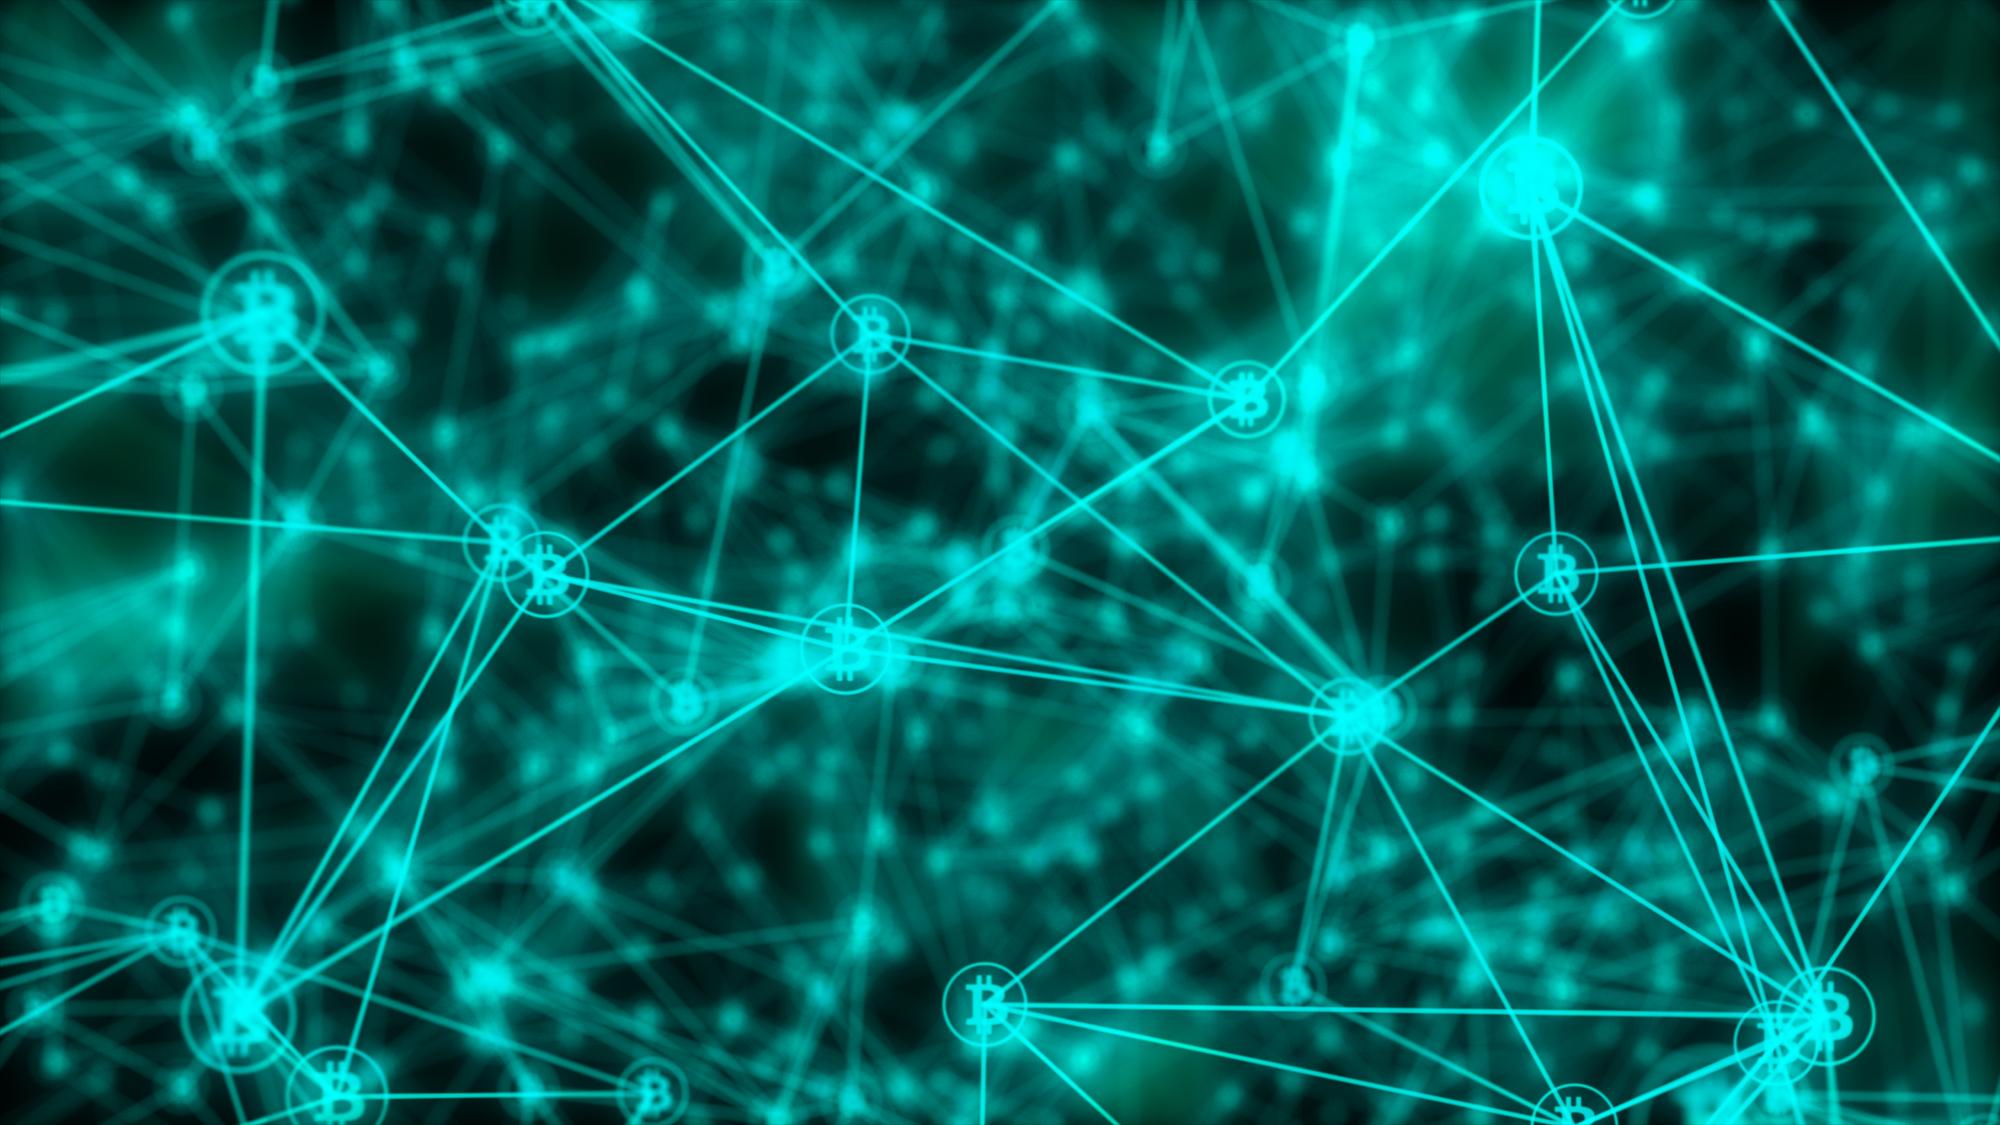 فرهاد اکسچنج و بررسی دیدگاه های مختلف در رابطه با بلاکچین